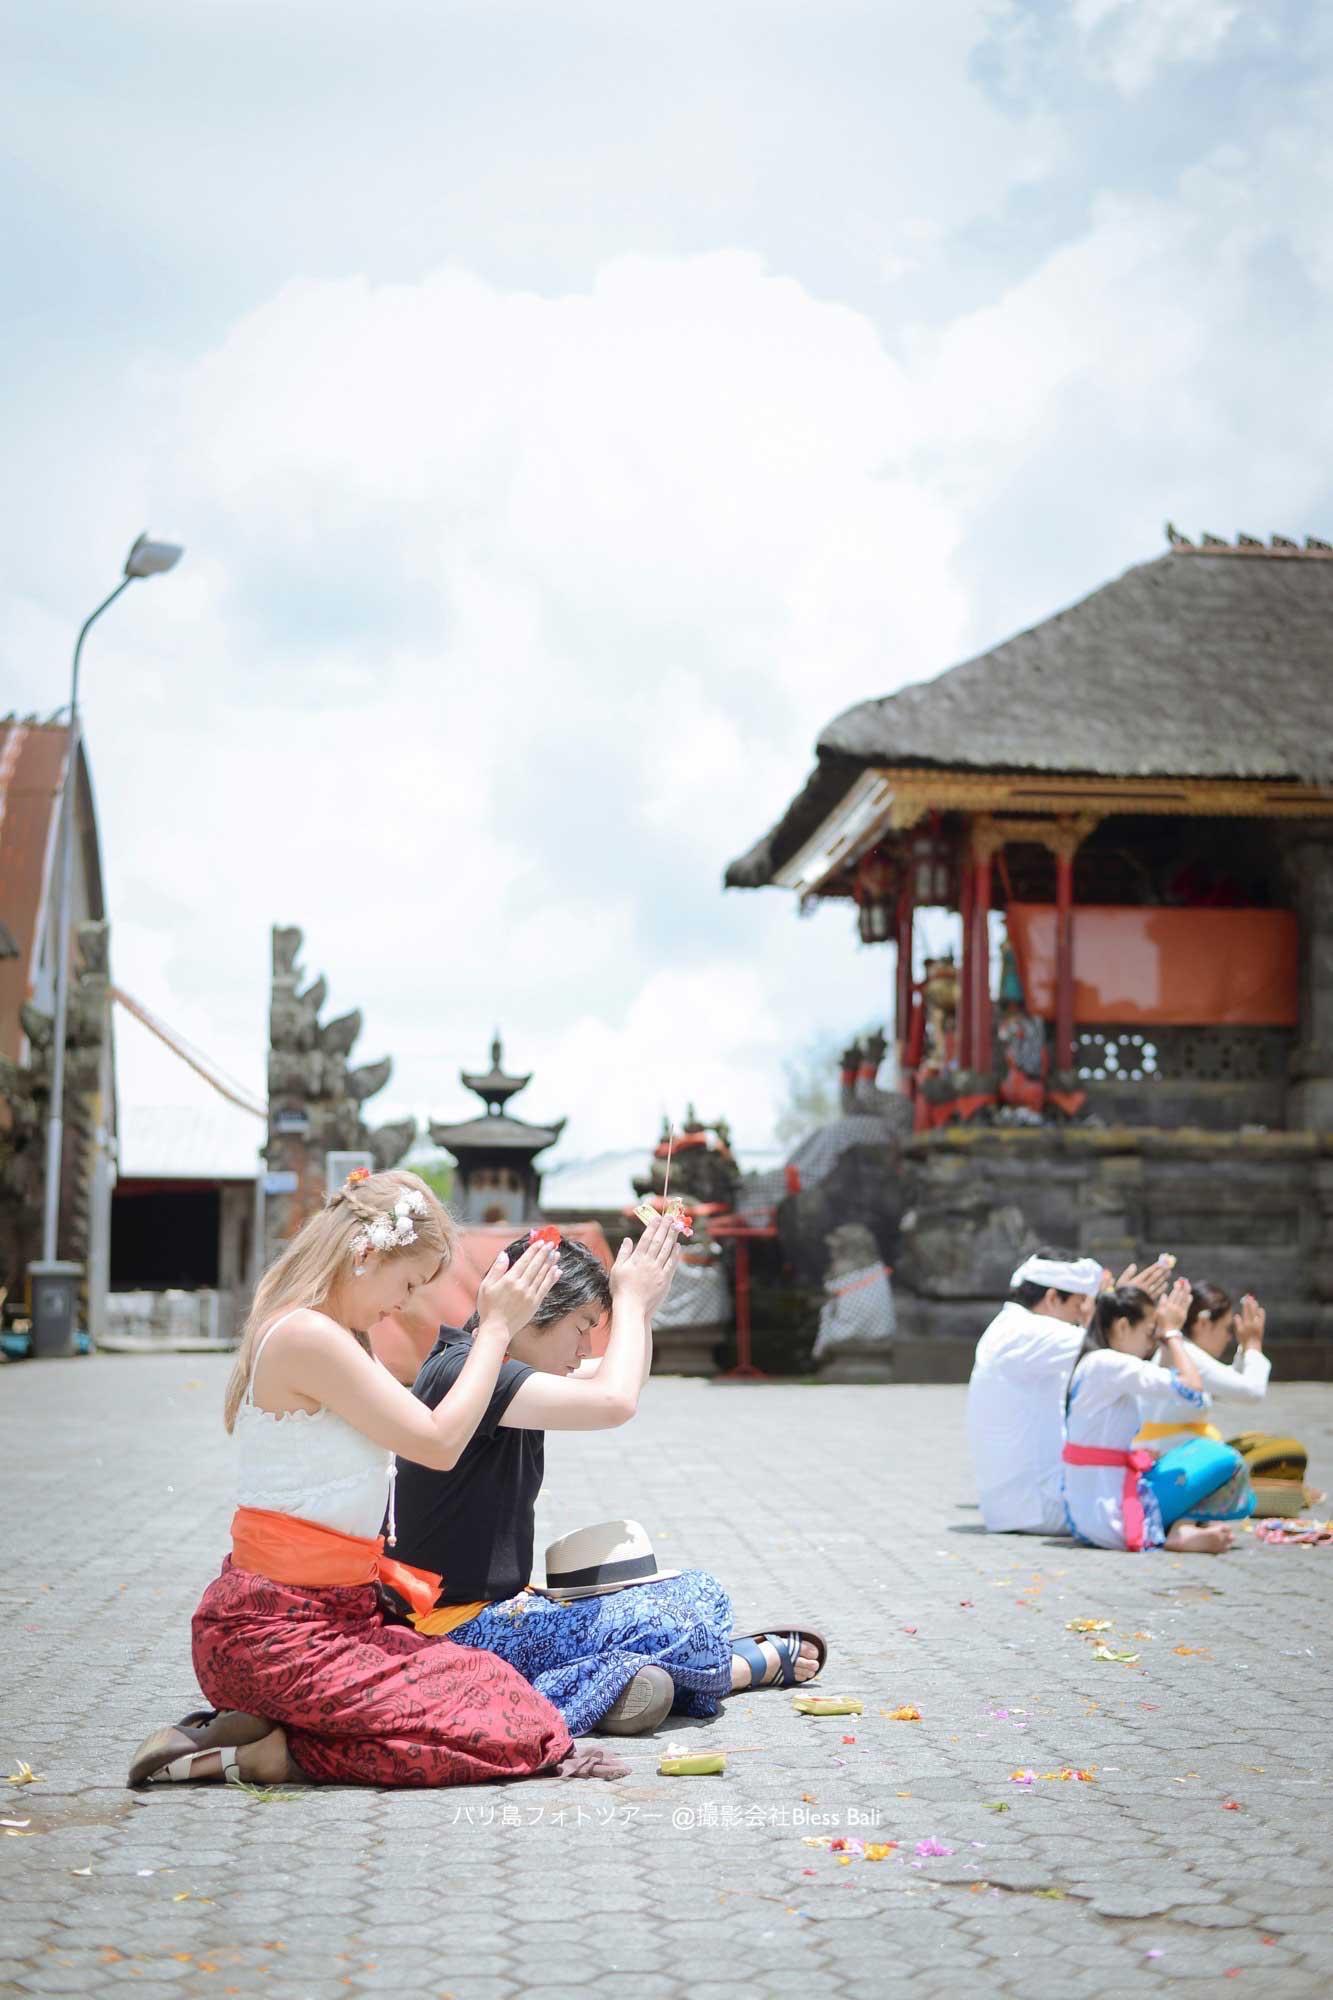 バリ寺院内での参拝風景も撮影できました